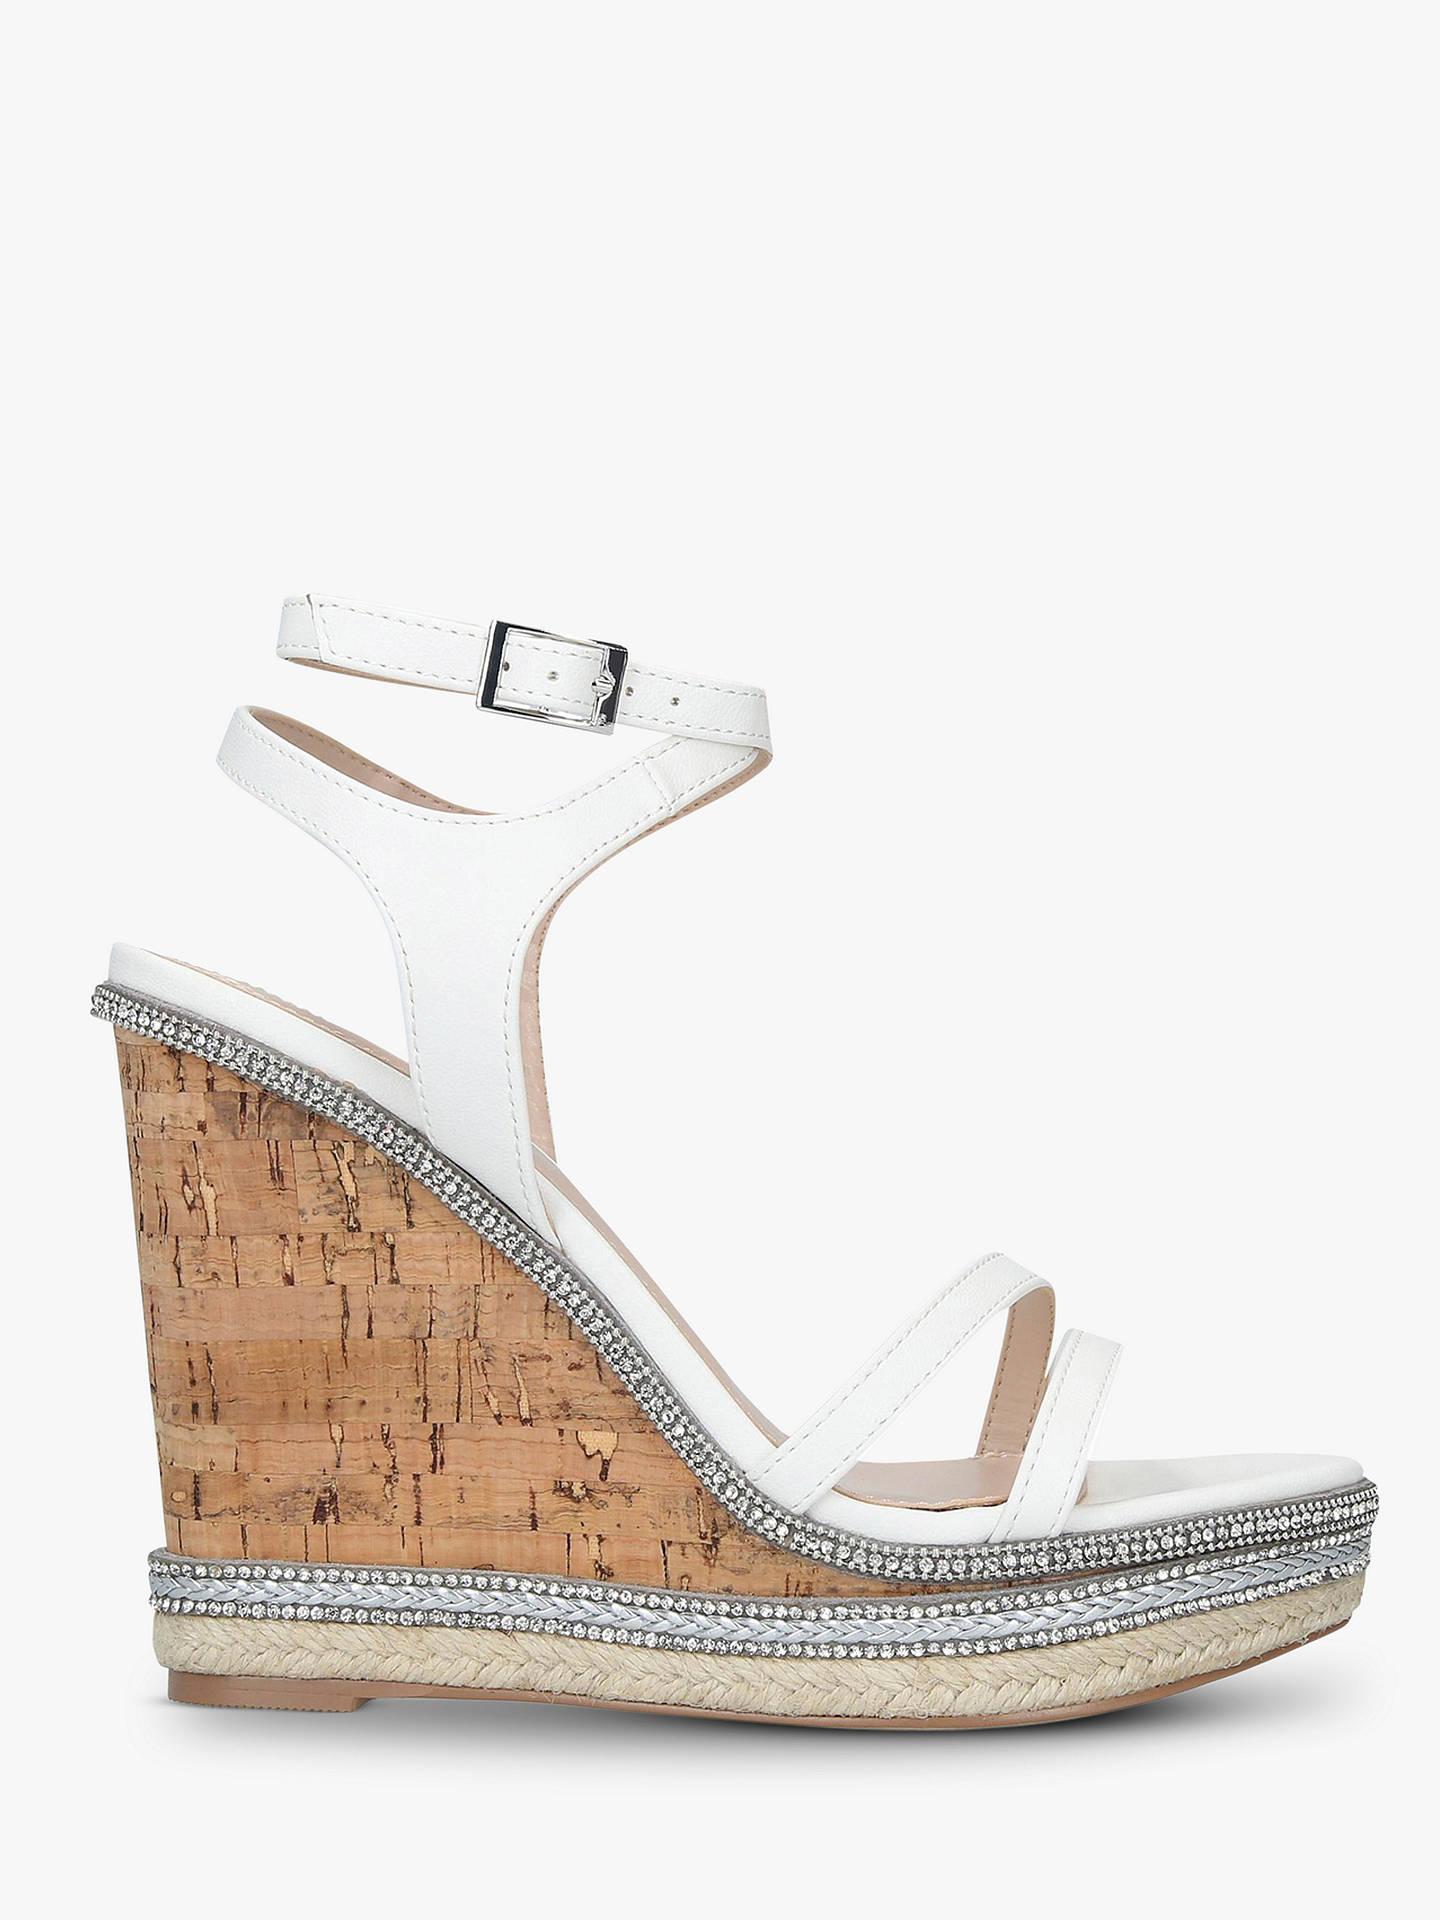 691ad1fb49af Buy Carvela Gentle Embellished Strap Wedge Sandals